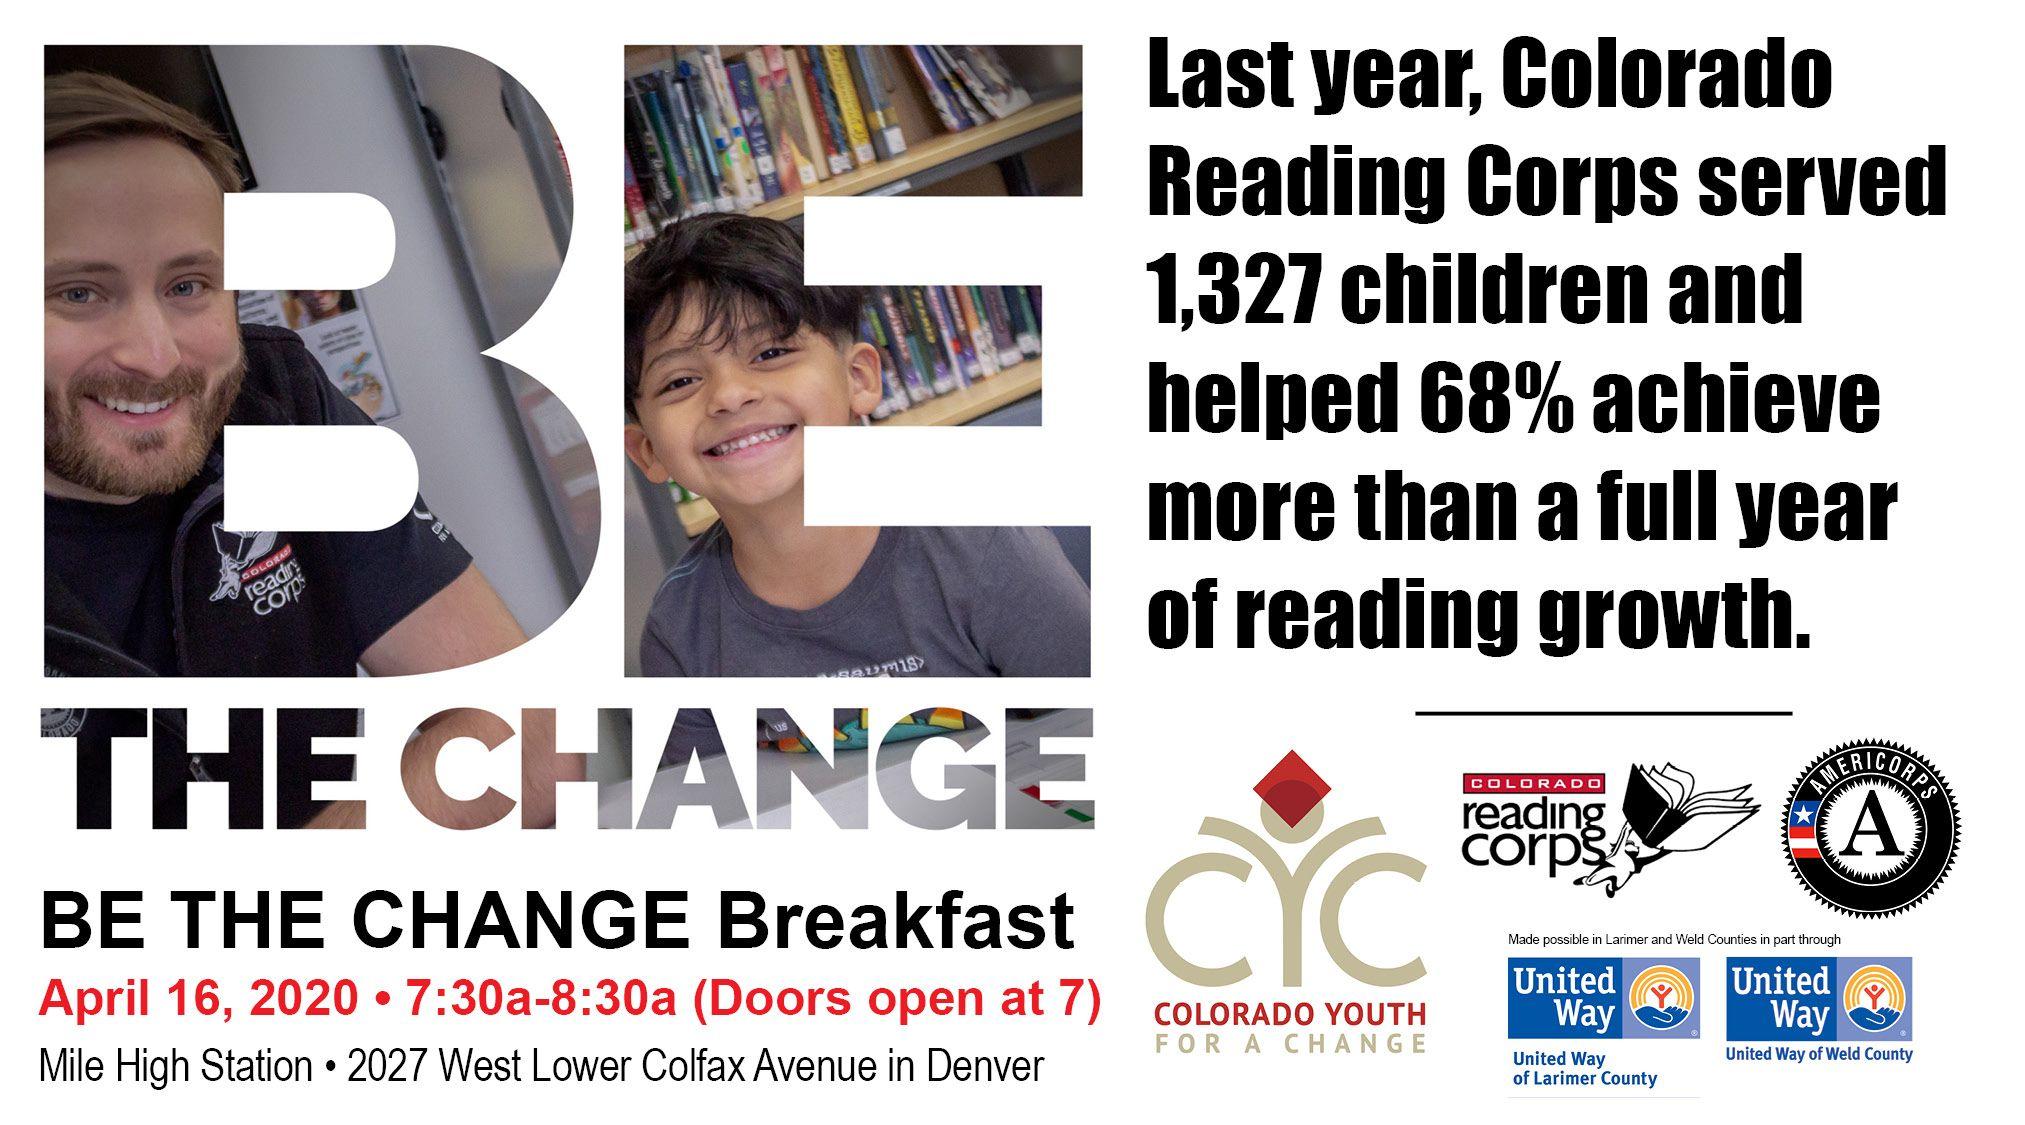 Be the Change Breakfast